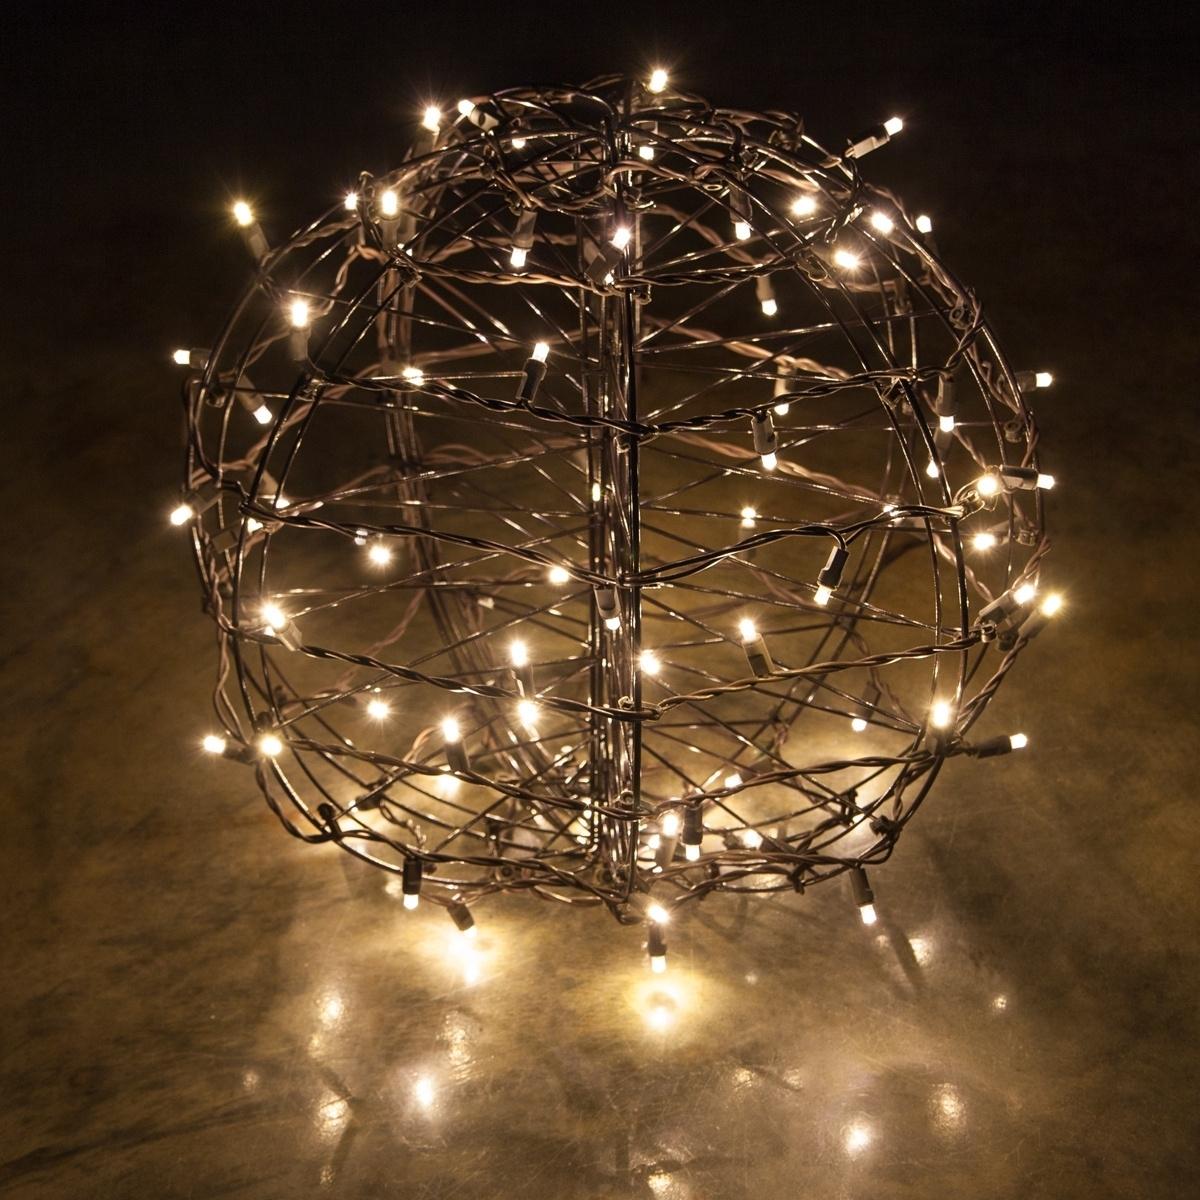 Outdoor Hanging Sphere Lights • Outdoor Lighting Throughout Outdoor Hanging Light Balls (#12 of 15)